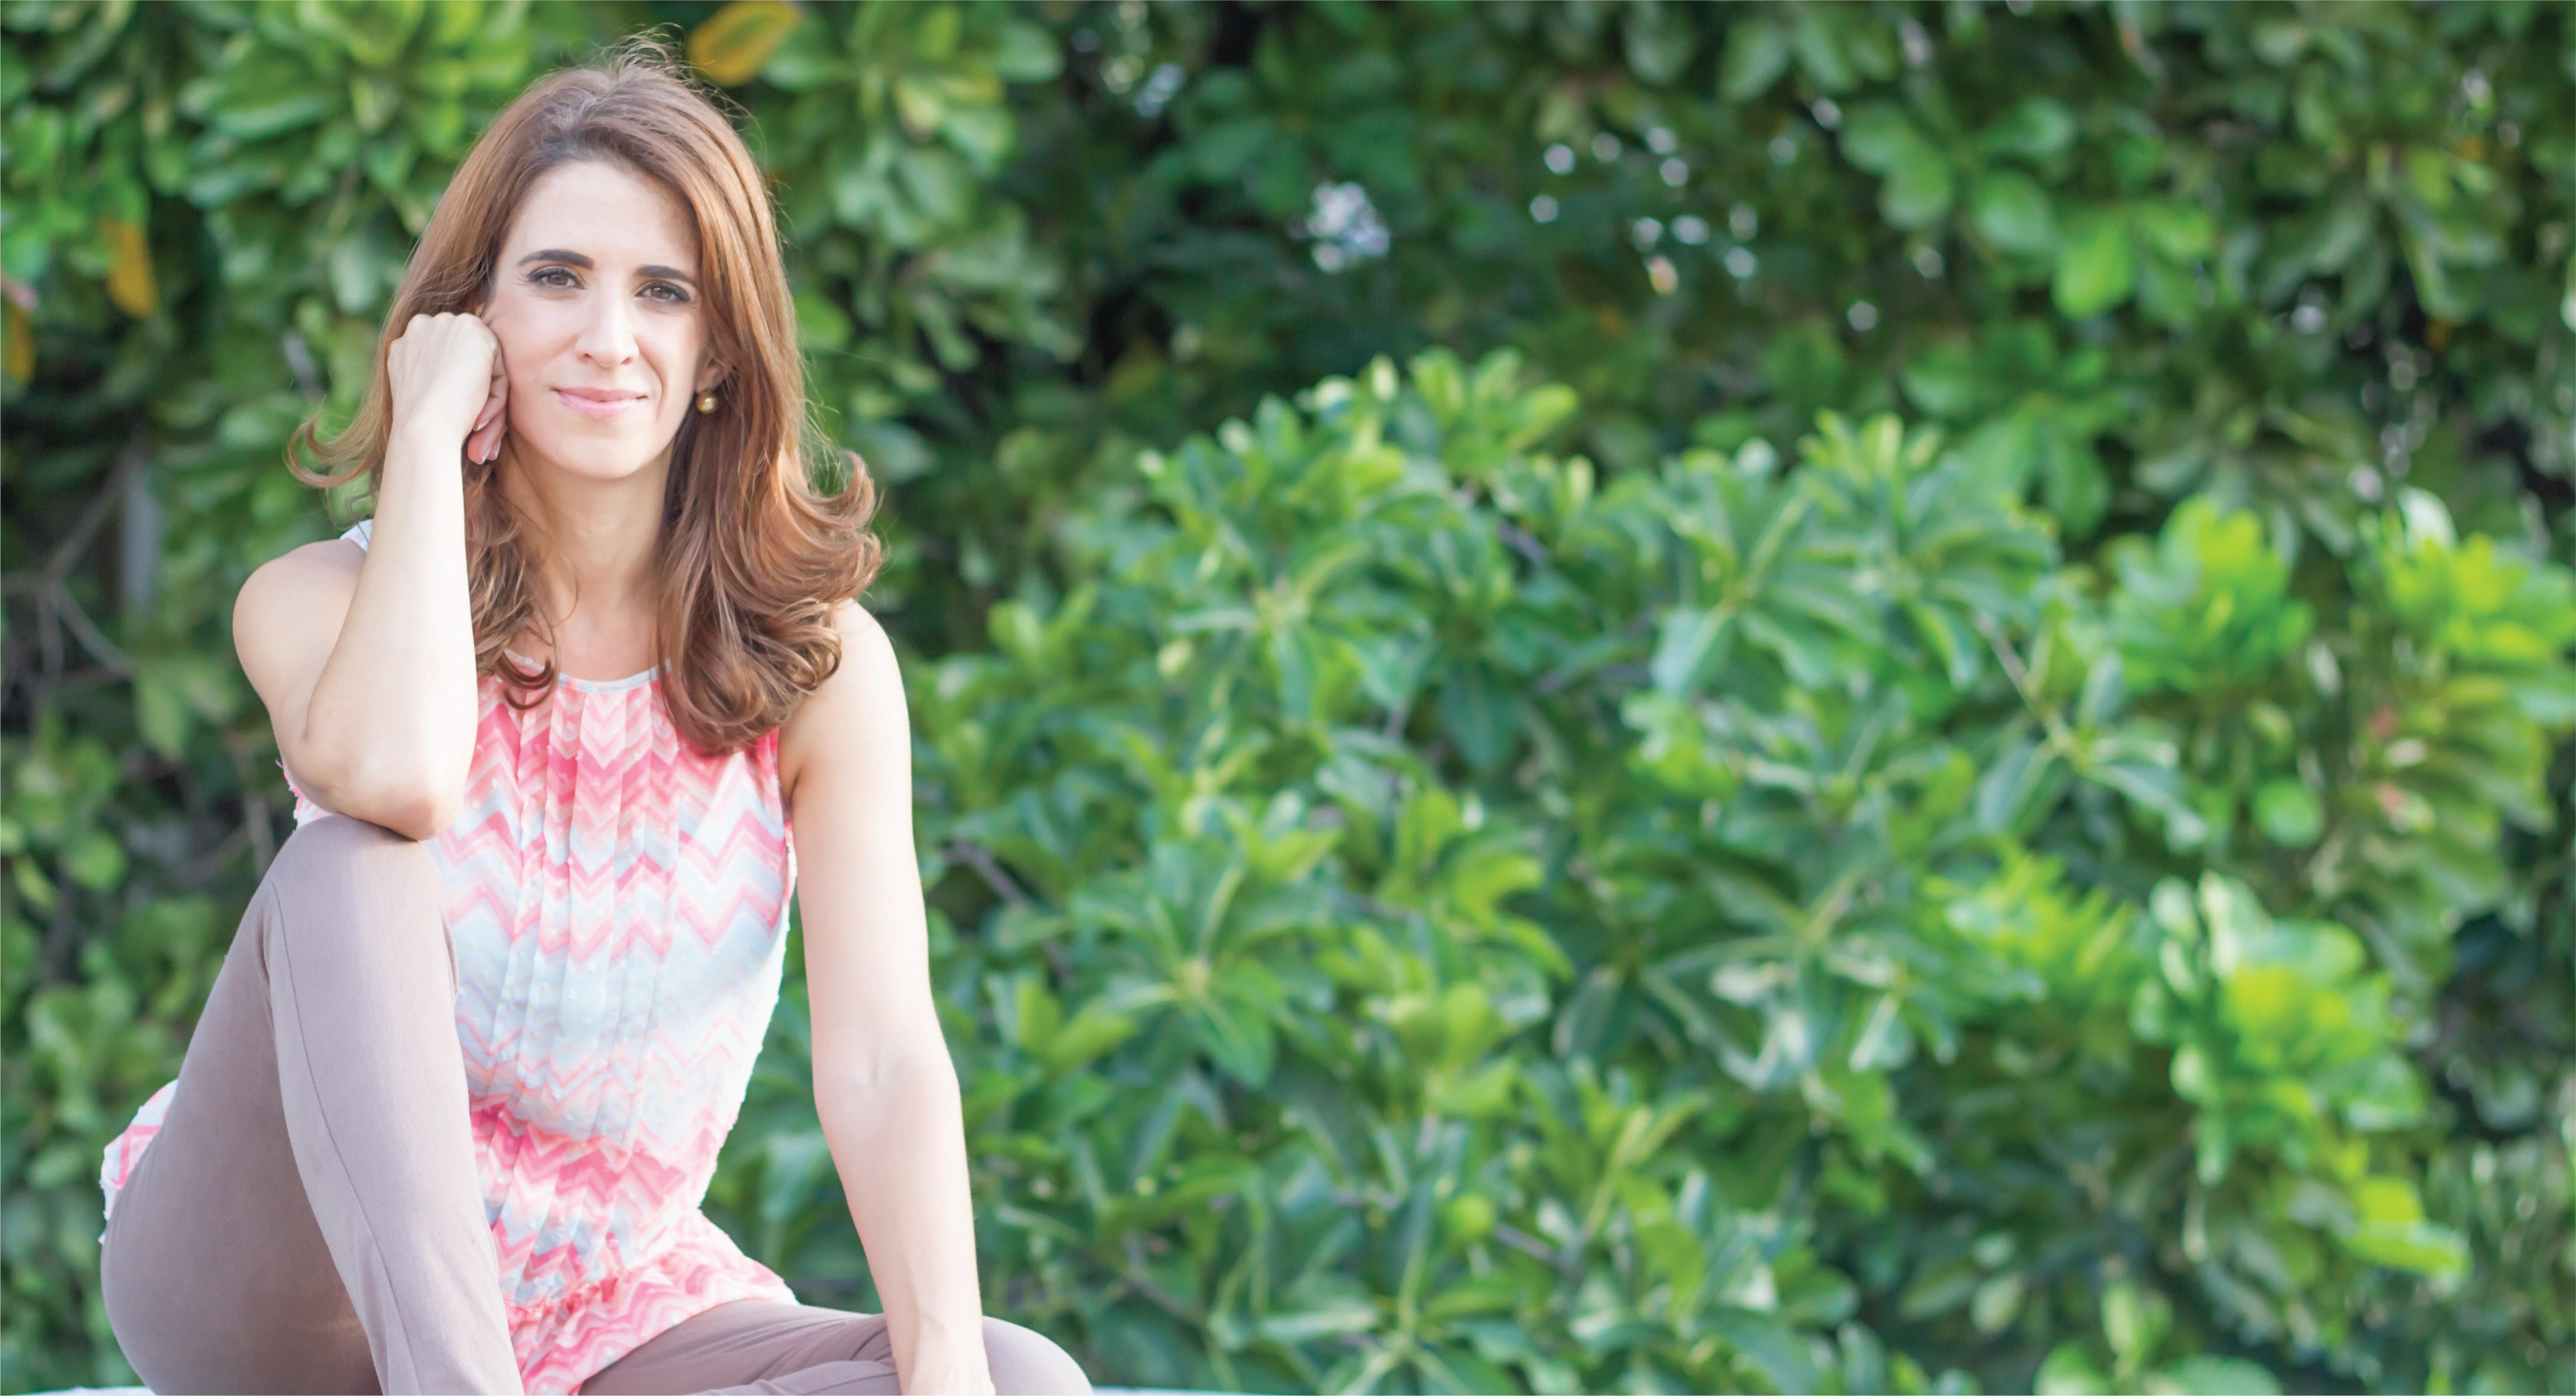 Laura Aiello